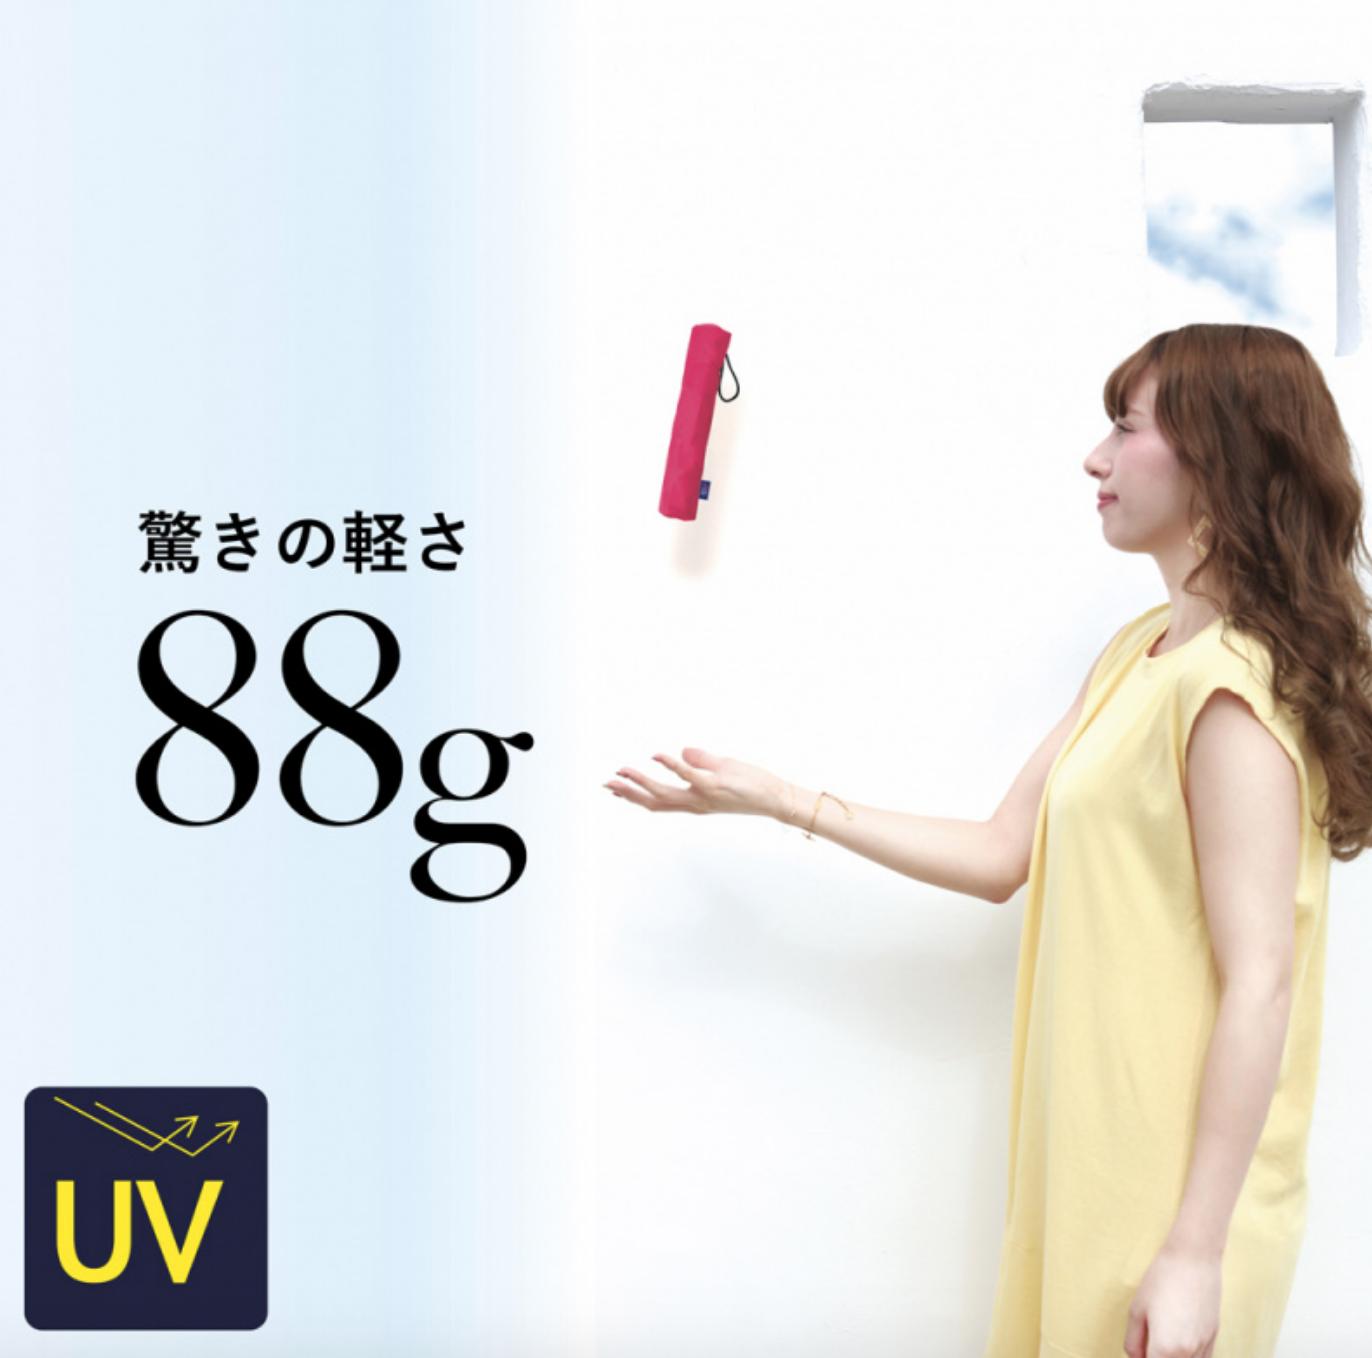 日本Amane極輕量折疊傘88g 小尺寸 1